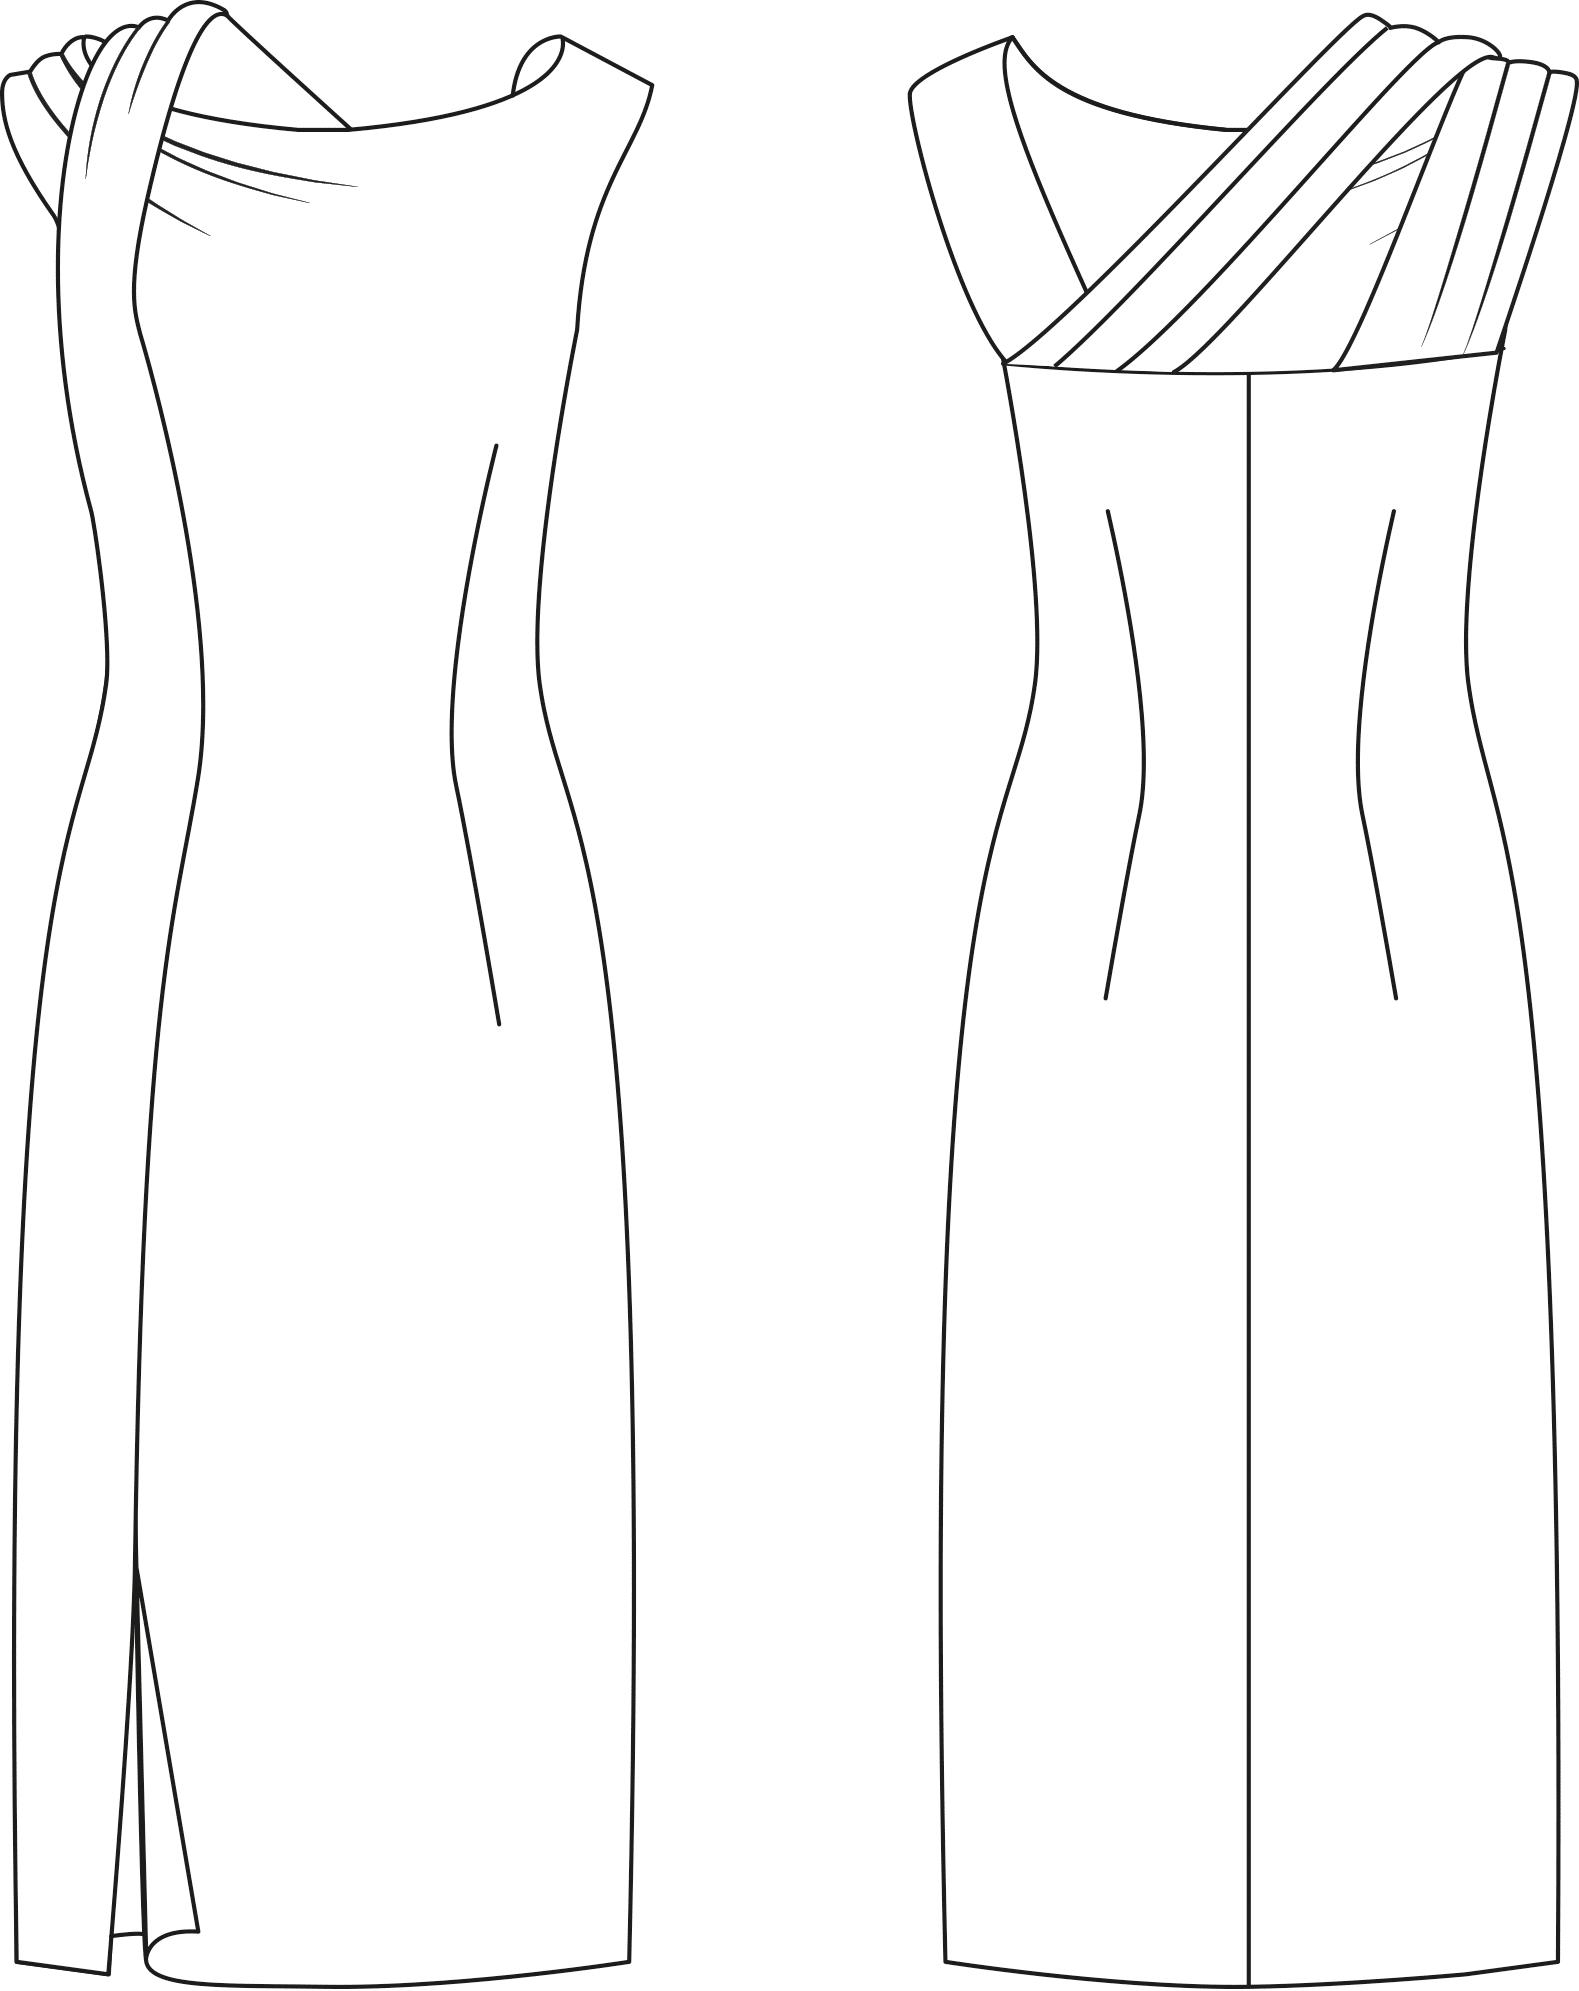 schnittmuster kleid mit schulterdrapierung › m.müller & sohn